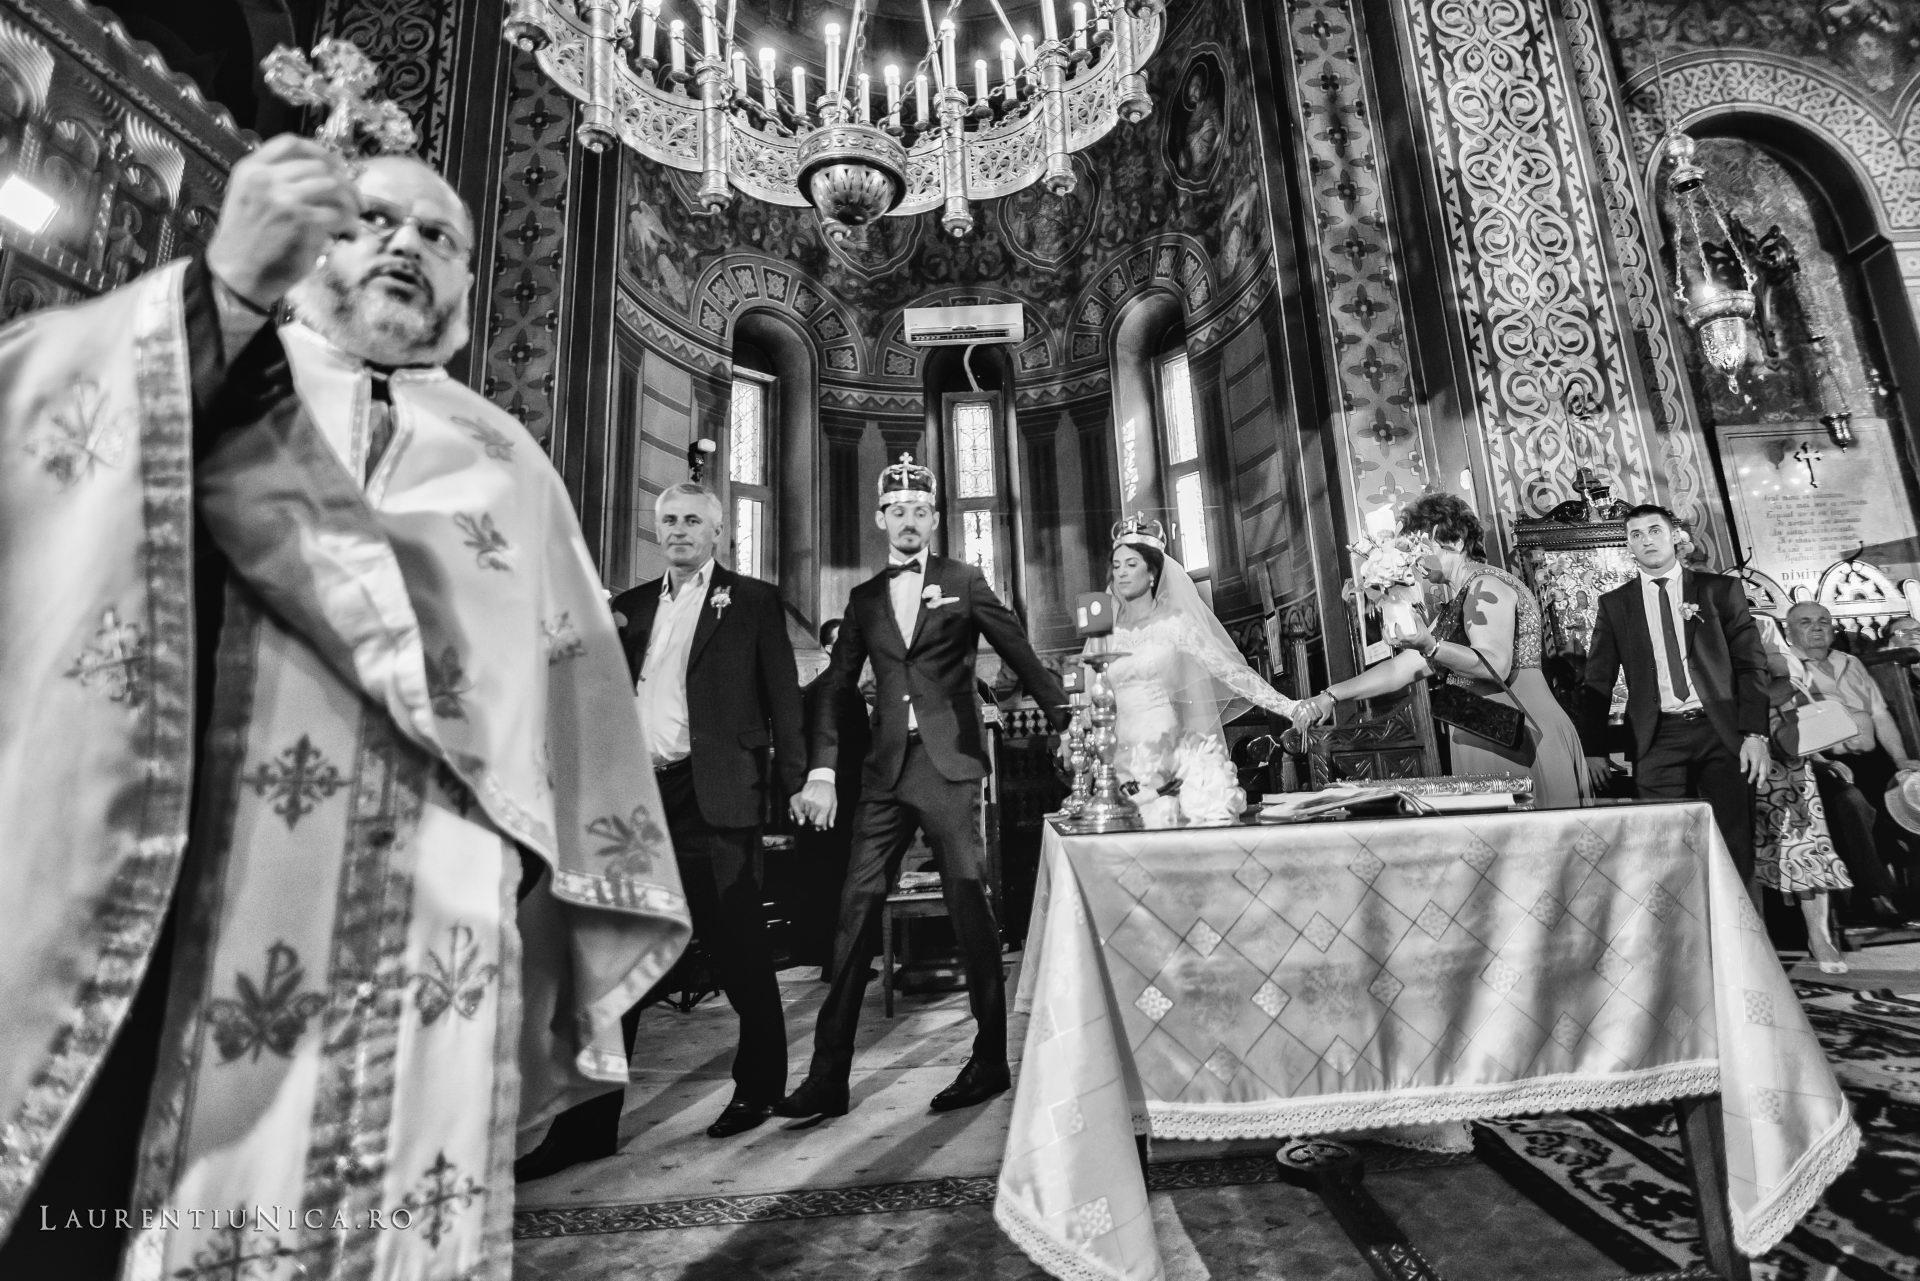 Cristina si Ovidiu nunta Craiova fotograf laurentiu nica 088 - Cristina & Ovidiu | Fotografii nunta | Craiova